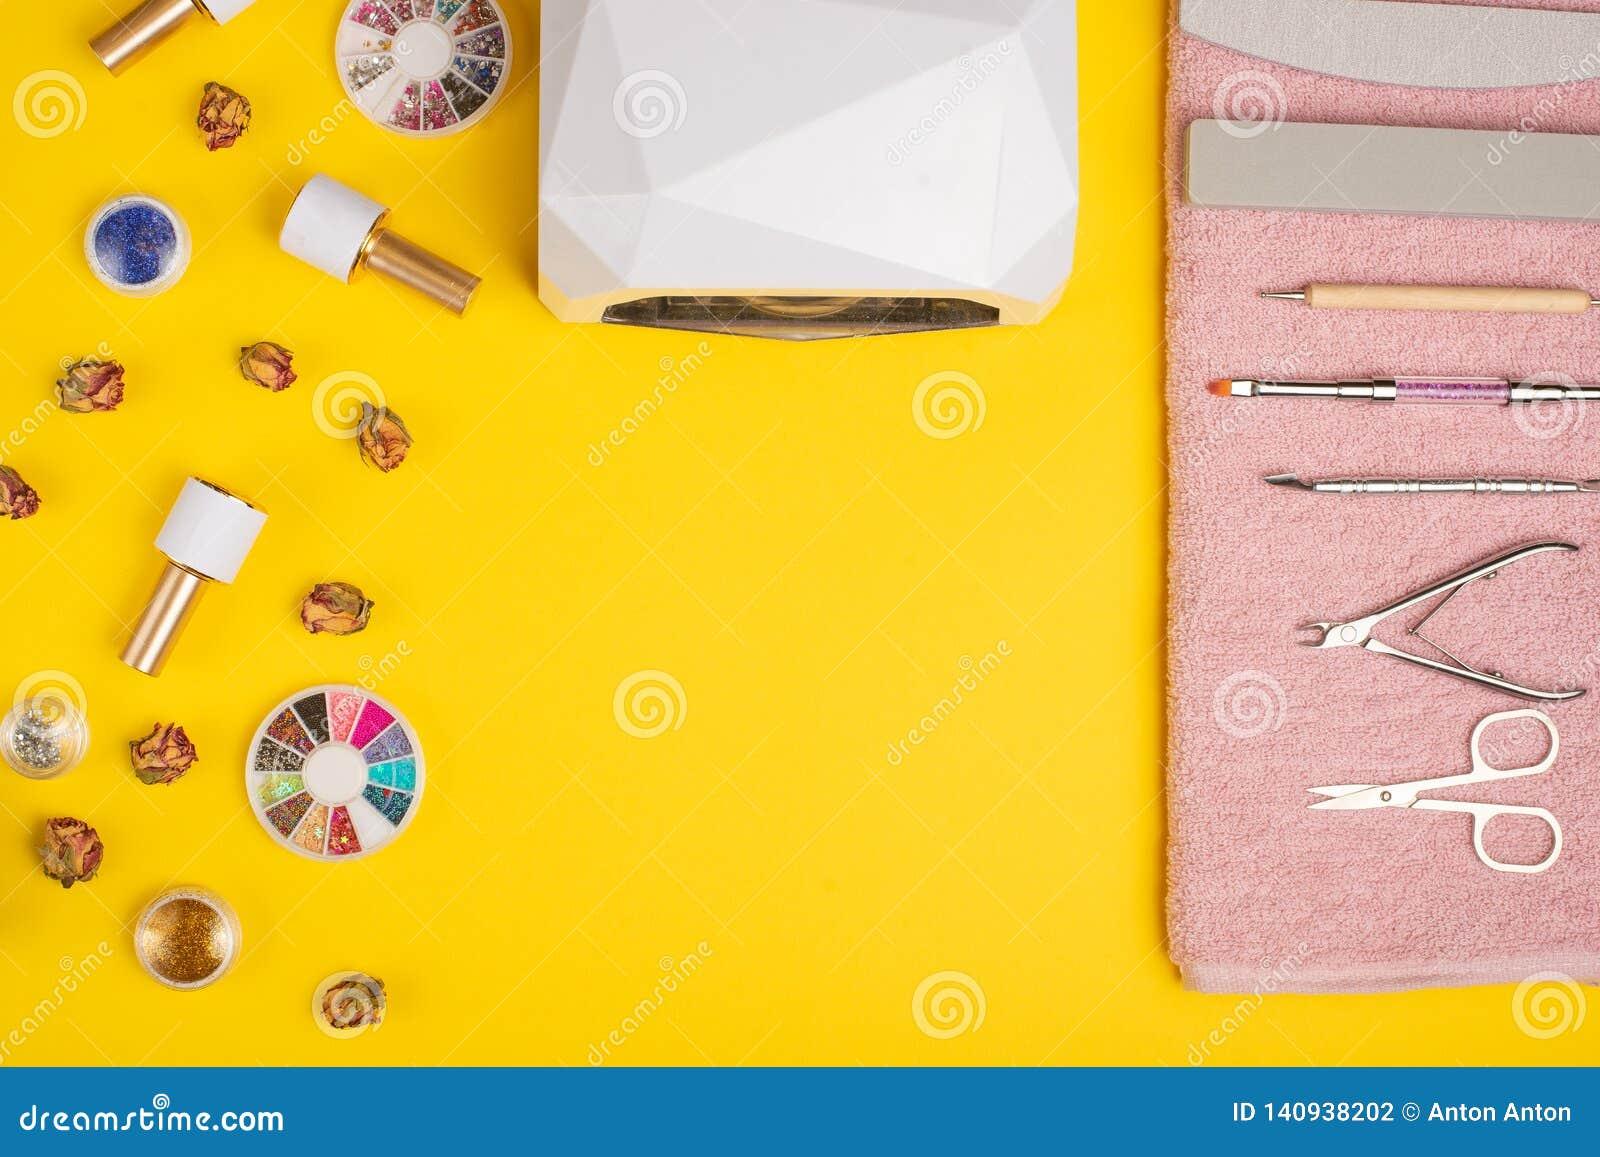 Een reeks kosmetische hulpmiddelen voor manicure en pedicure op een purpere achtergrond Gelpoetsmiddelen, nagelvijlen en tangen e